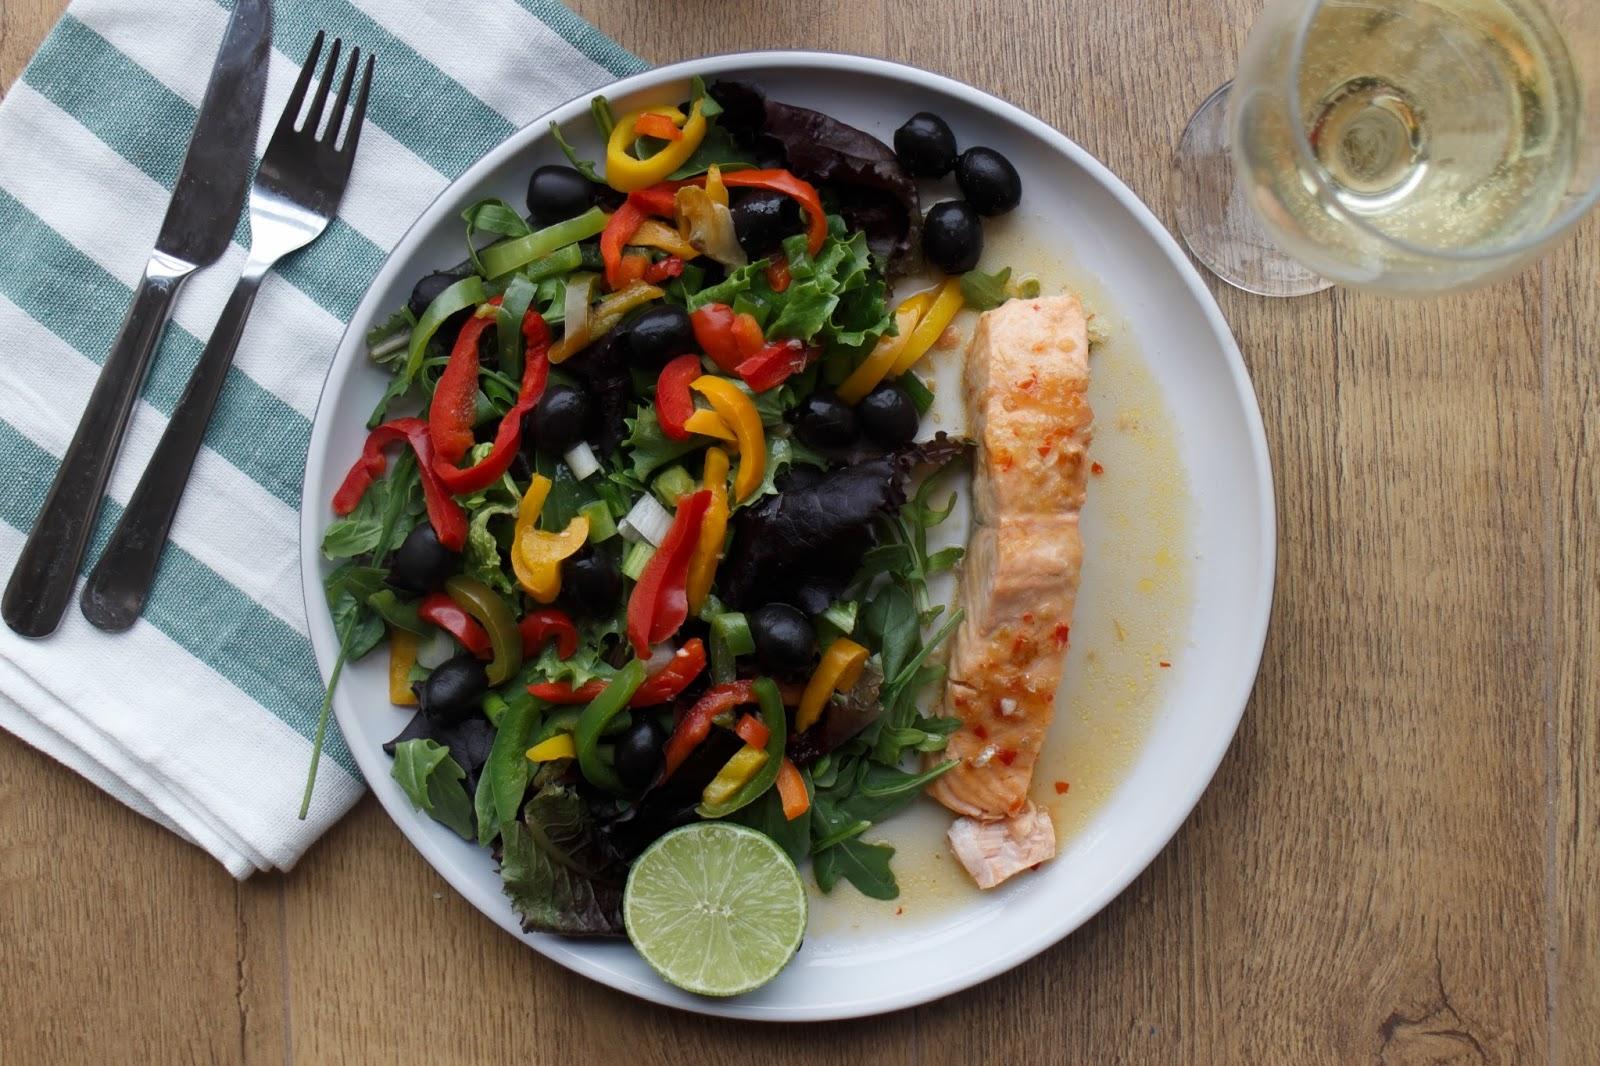 Lime and Chili Salmon Salad